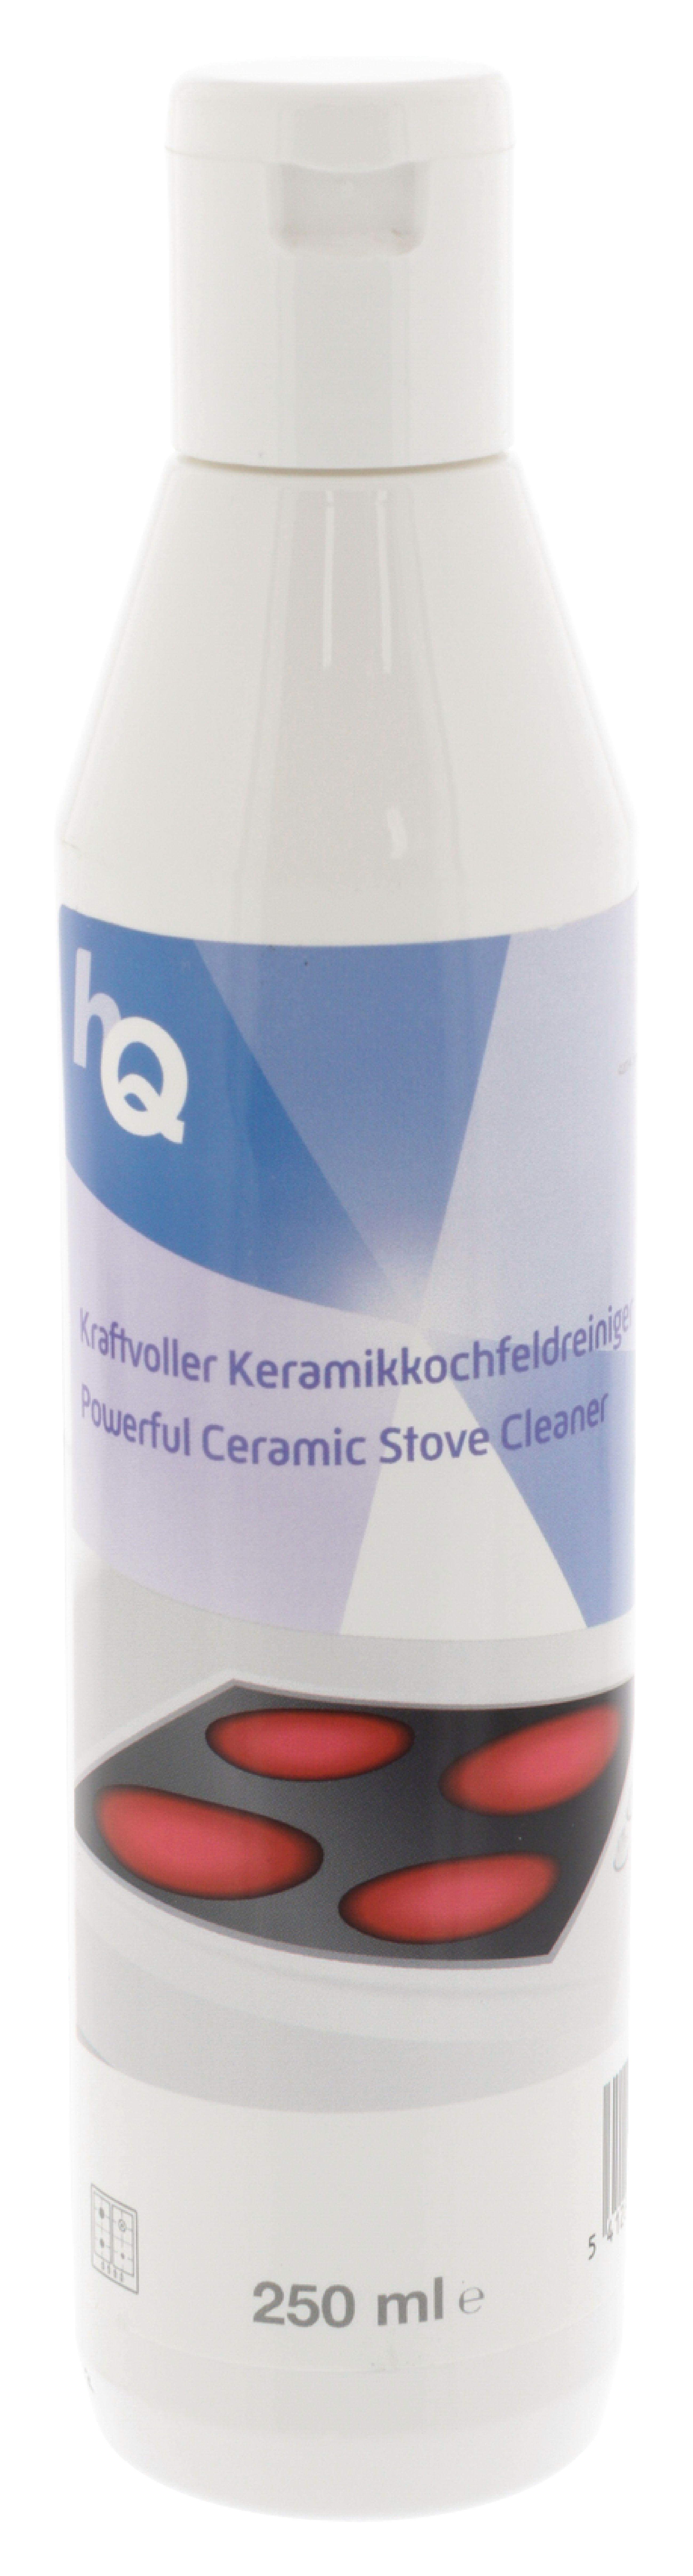 Čisticí prostředek na sklokeramické varné desky 250 ml HQ W9-09602GF